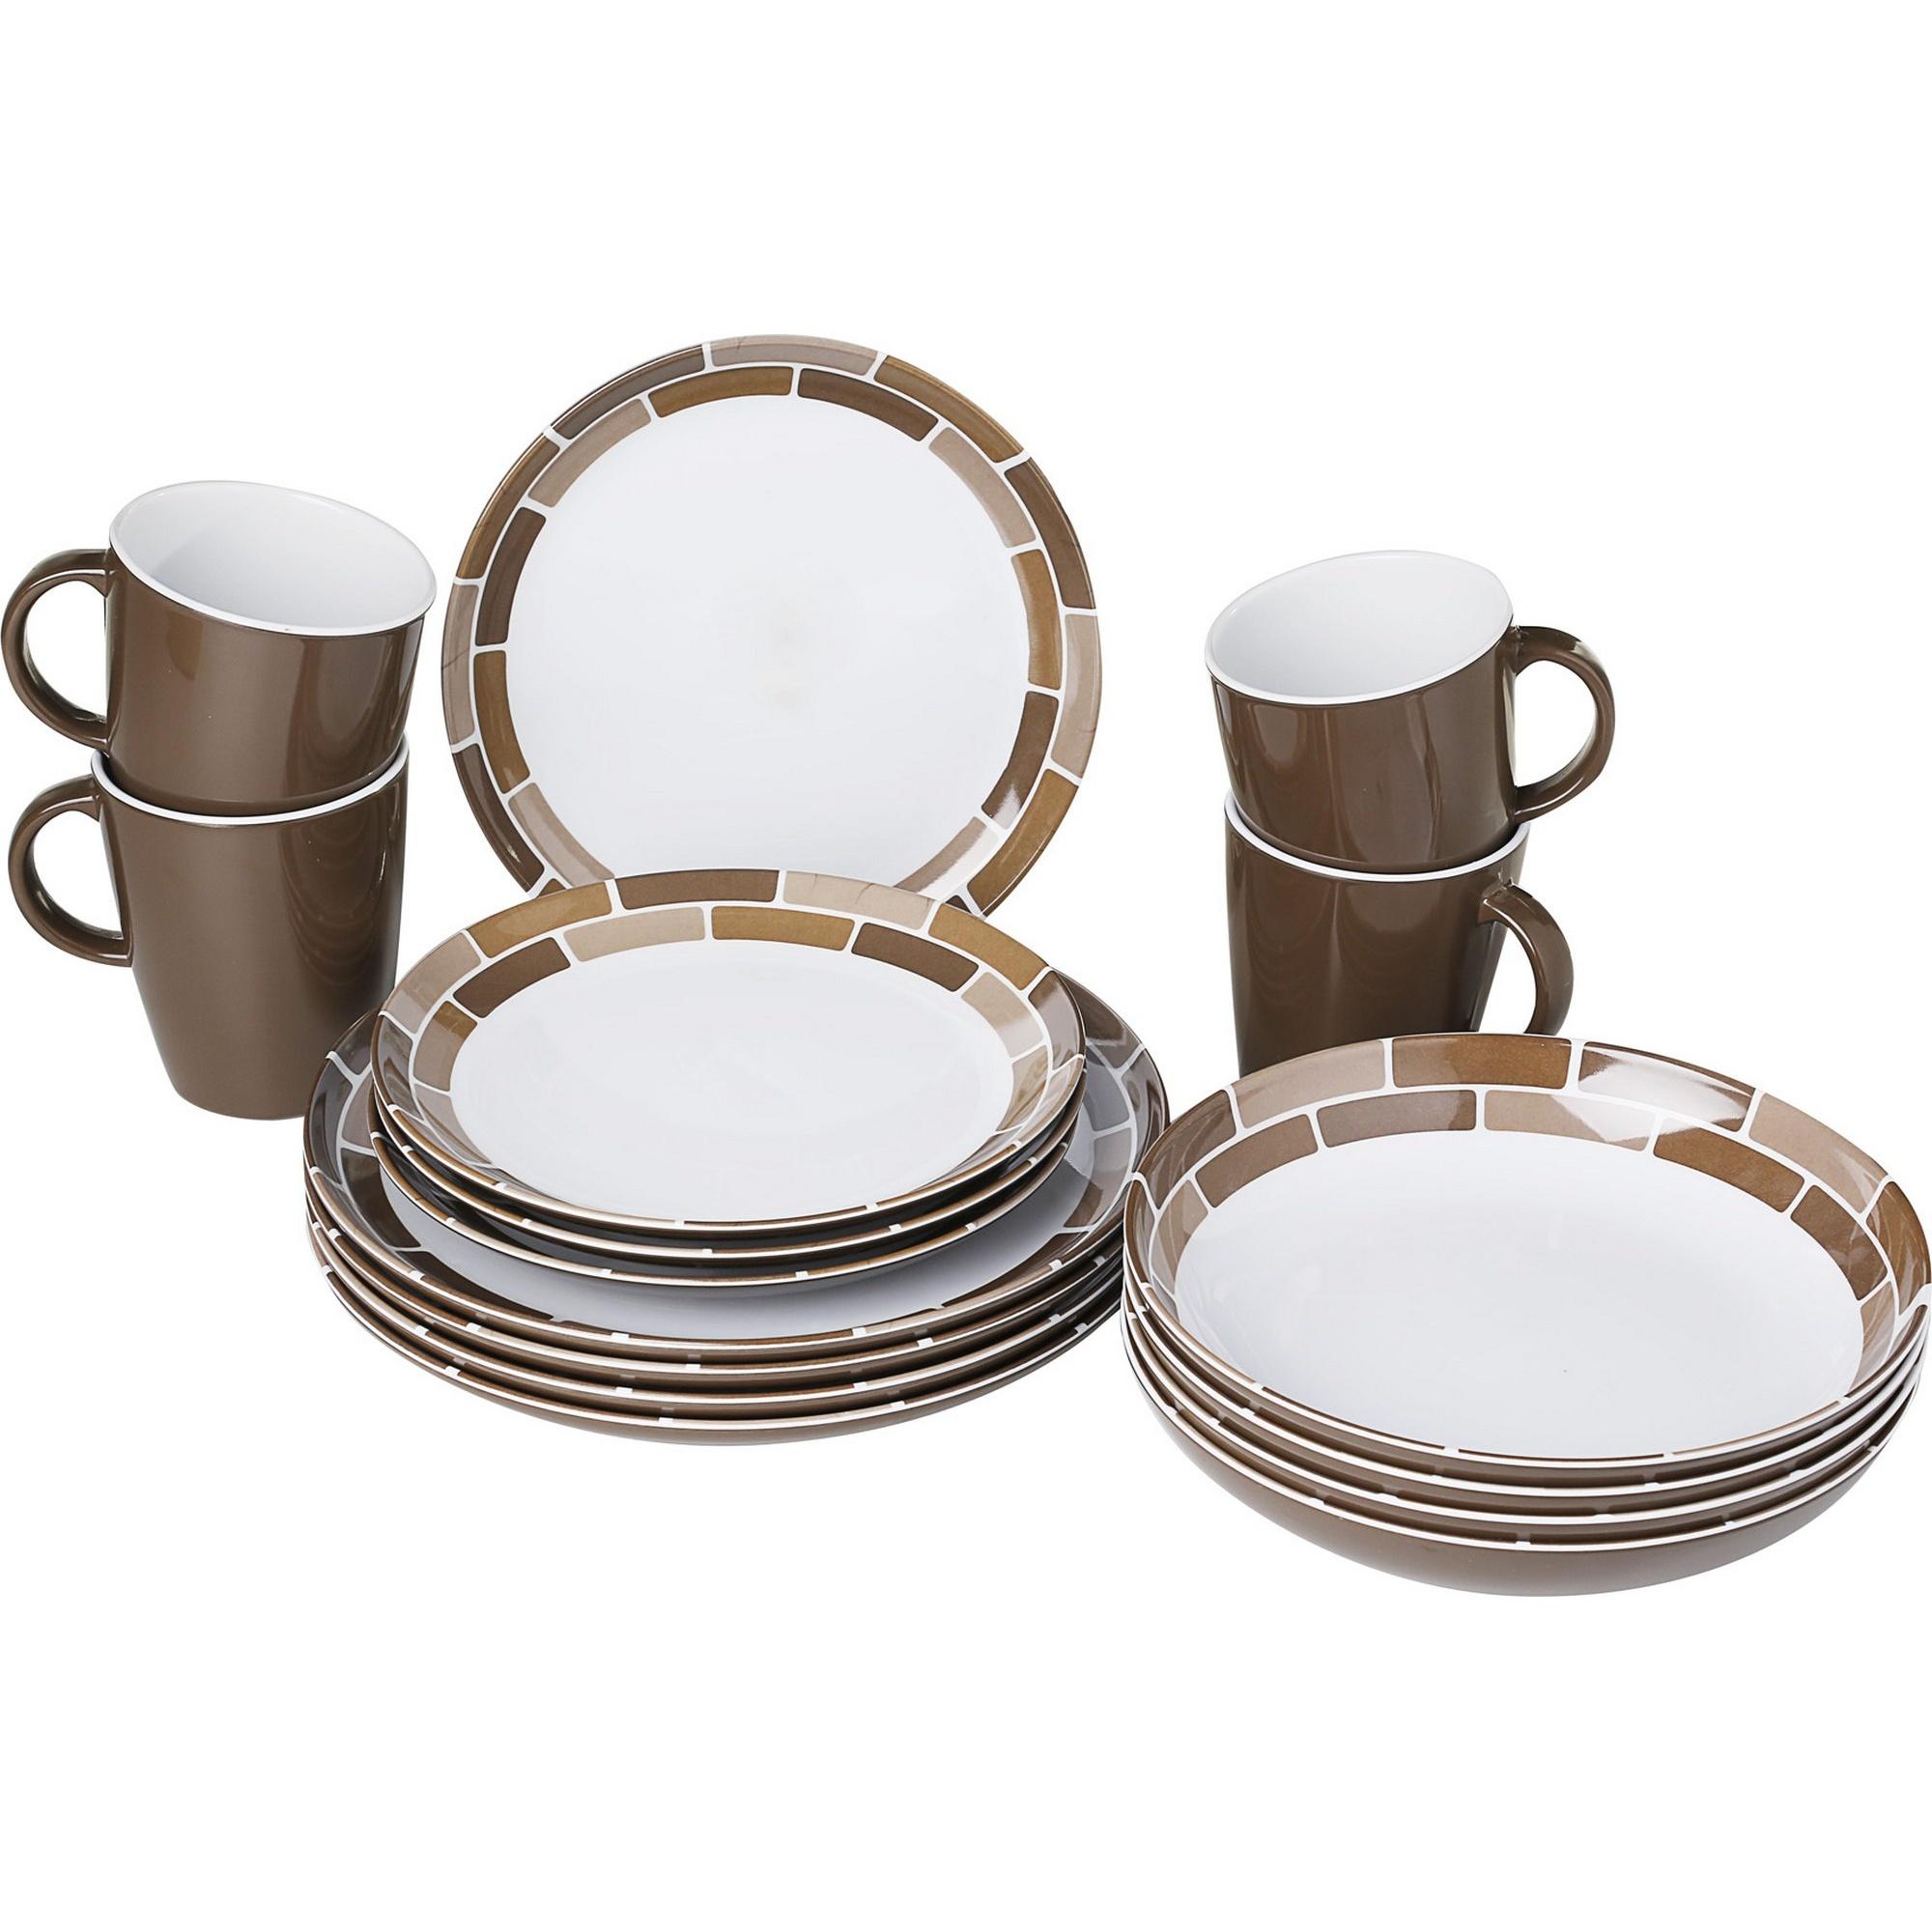 Brunner lunch box melamine dinnerware set 16 pieces ebay for Cuisine melamine